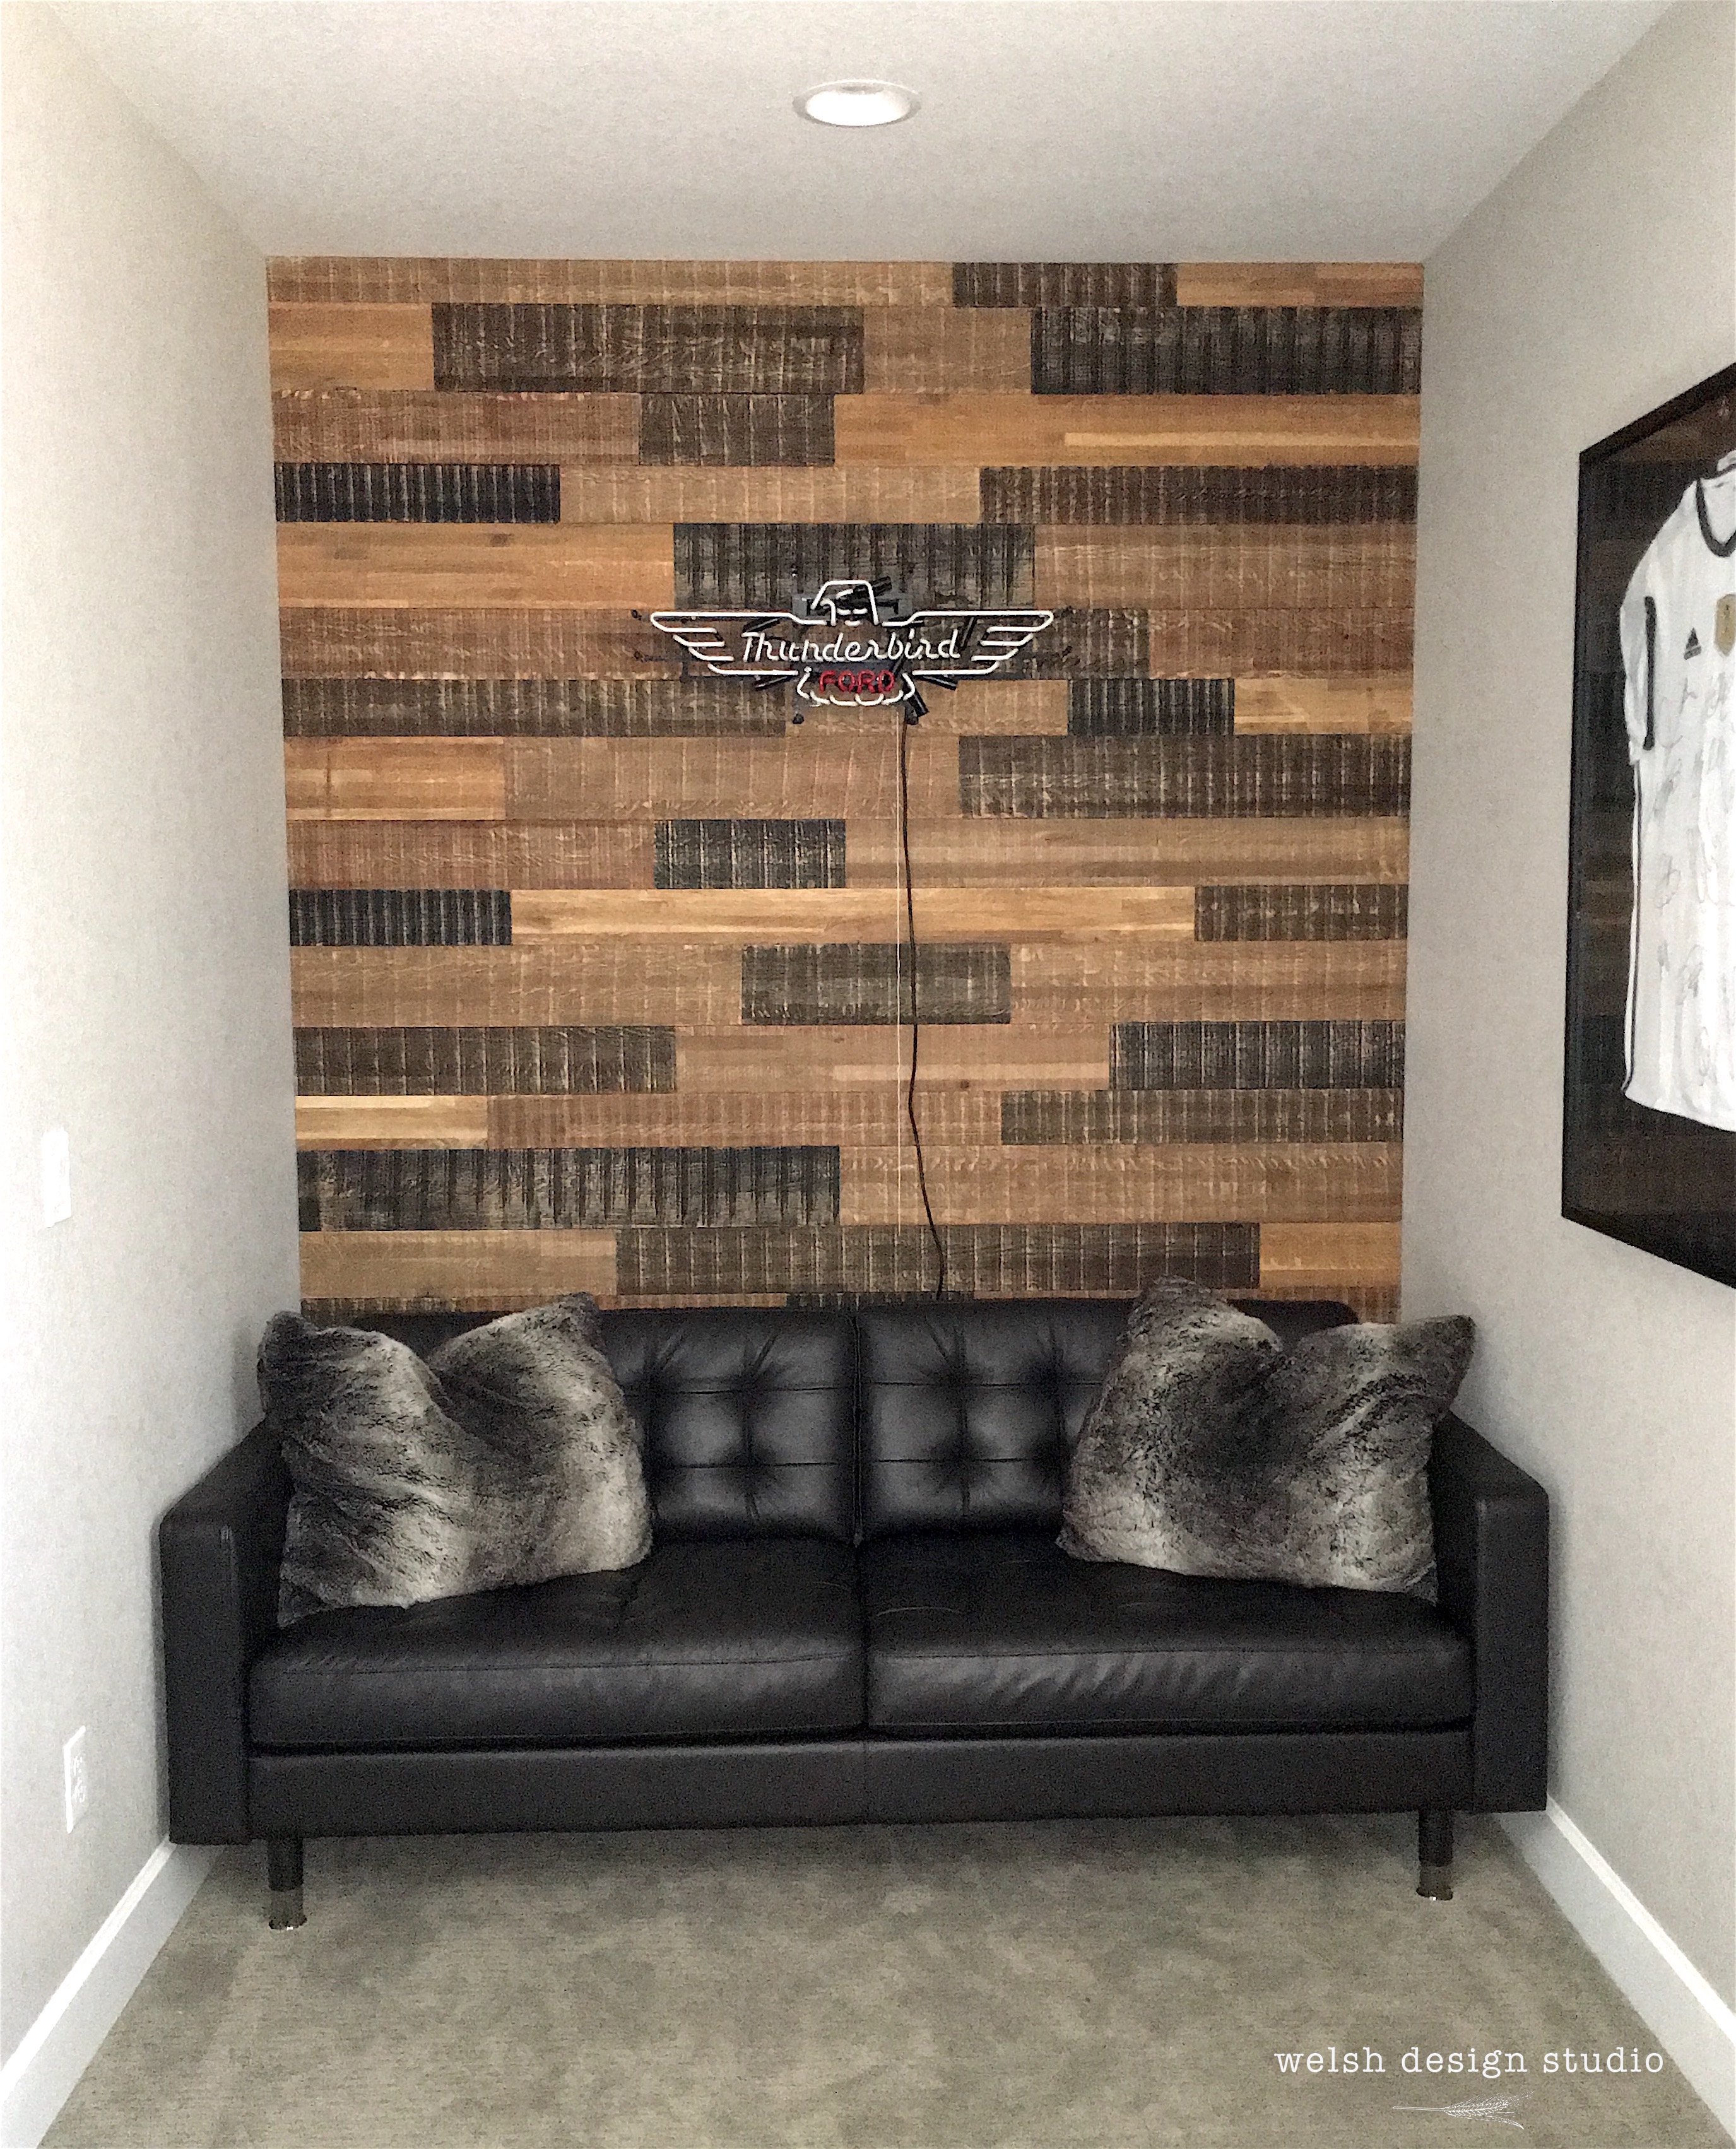 Reclaimed Wood Wall in Teen Boy s Bedroom – Welsh Design Studio